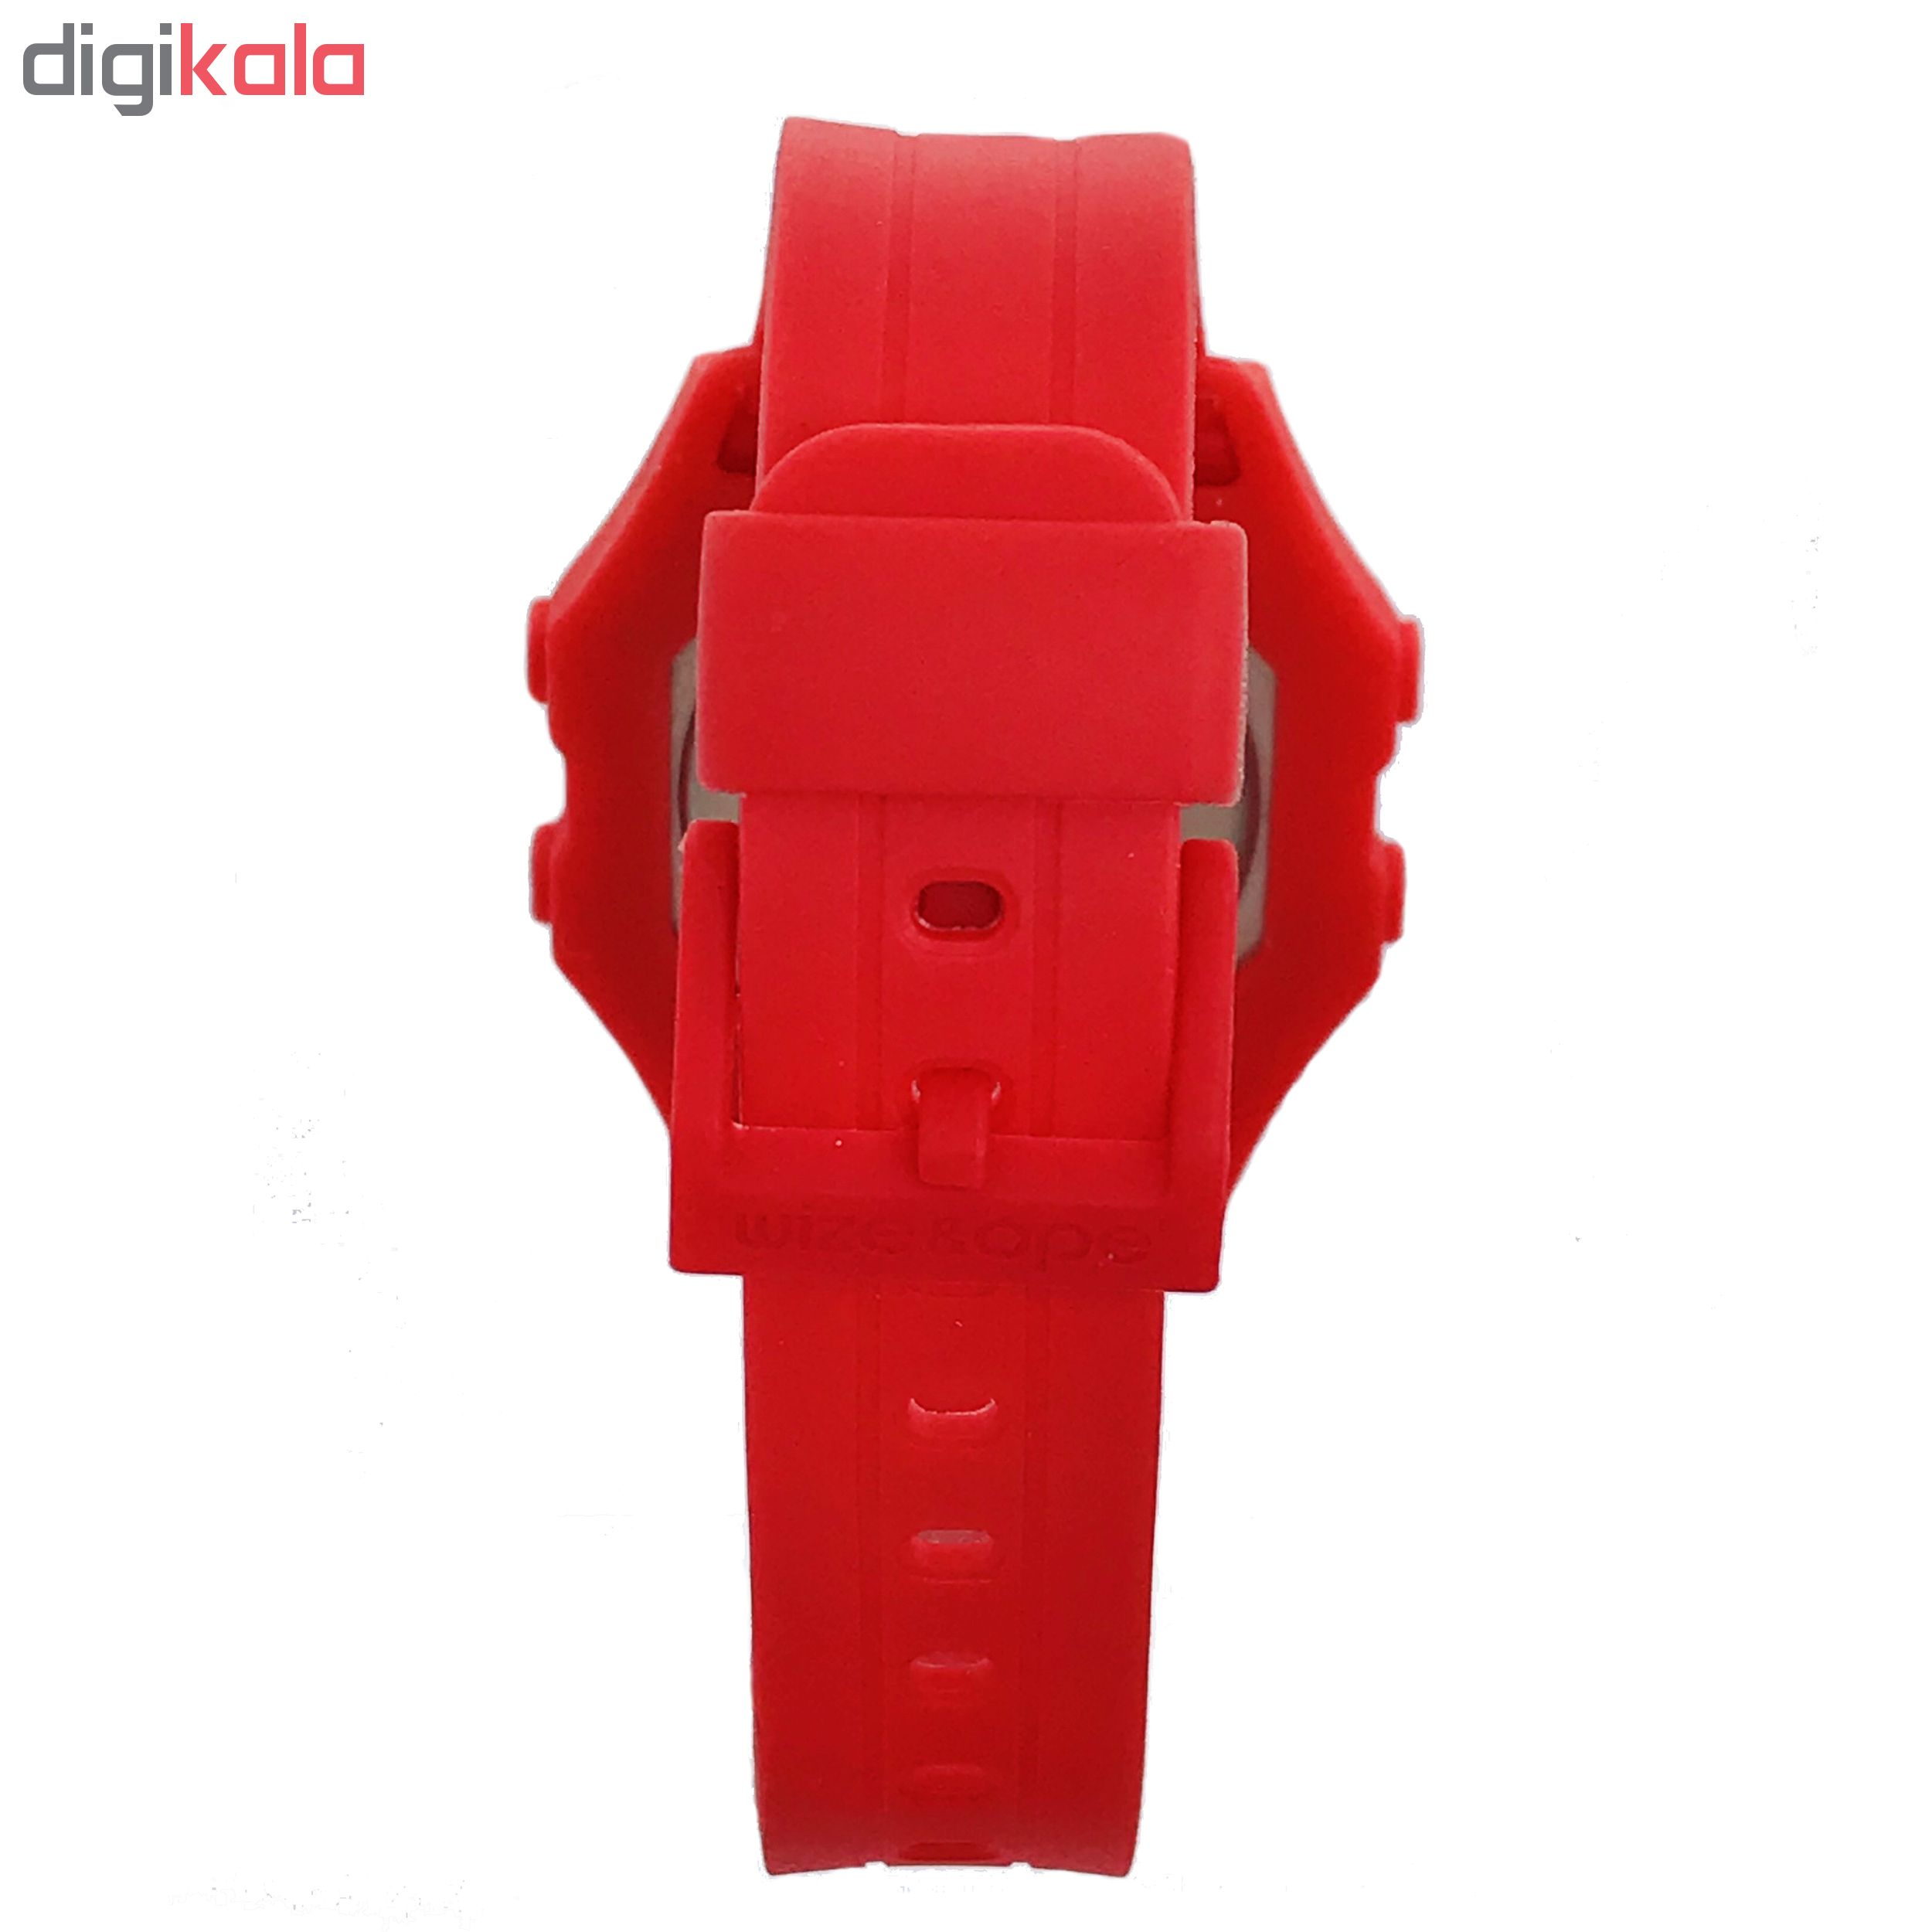 ساعت مچی دیجیتال زنانه وایز اند اپ مدل DT-3C